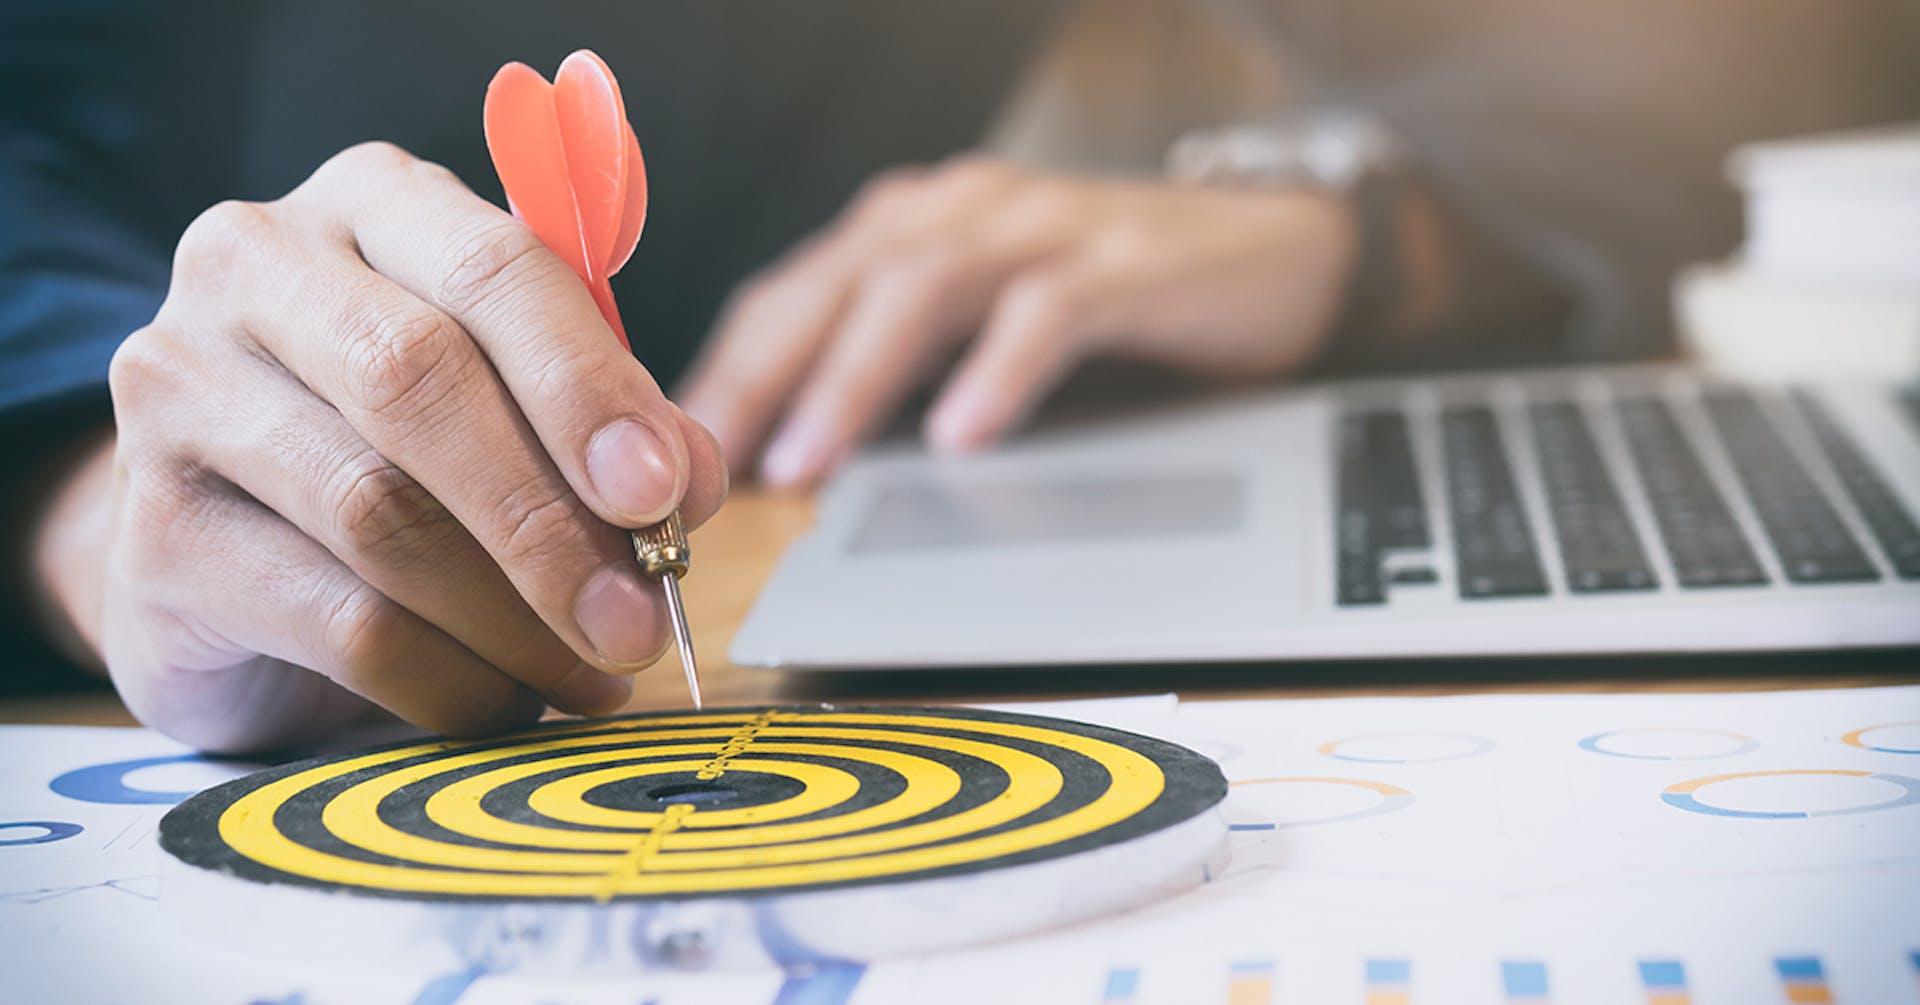 Objetivos de una empresa ¿Por qué son importantes para el éxito?